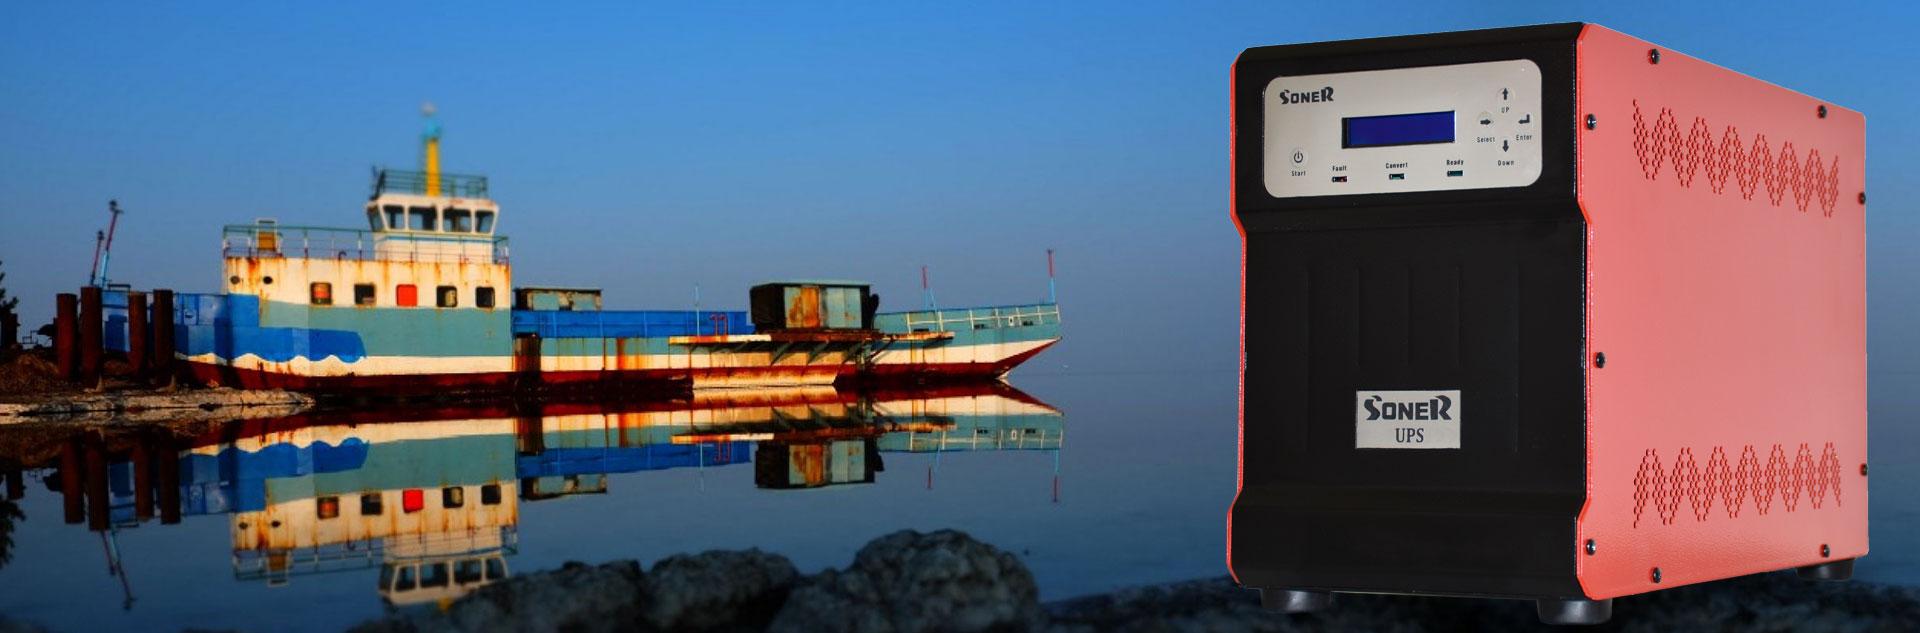 فروش دستگاه یو پی اس ایرانی سونر در ارومیه